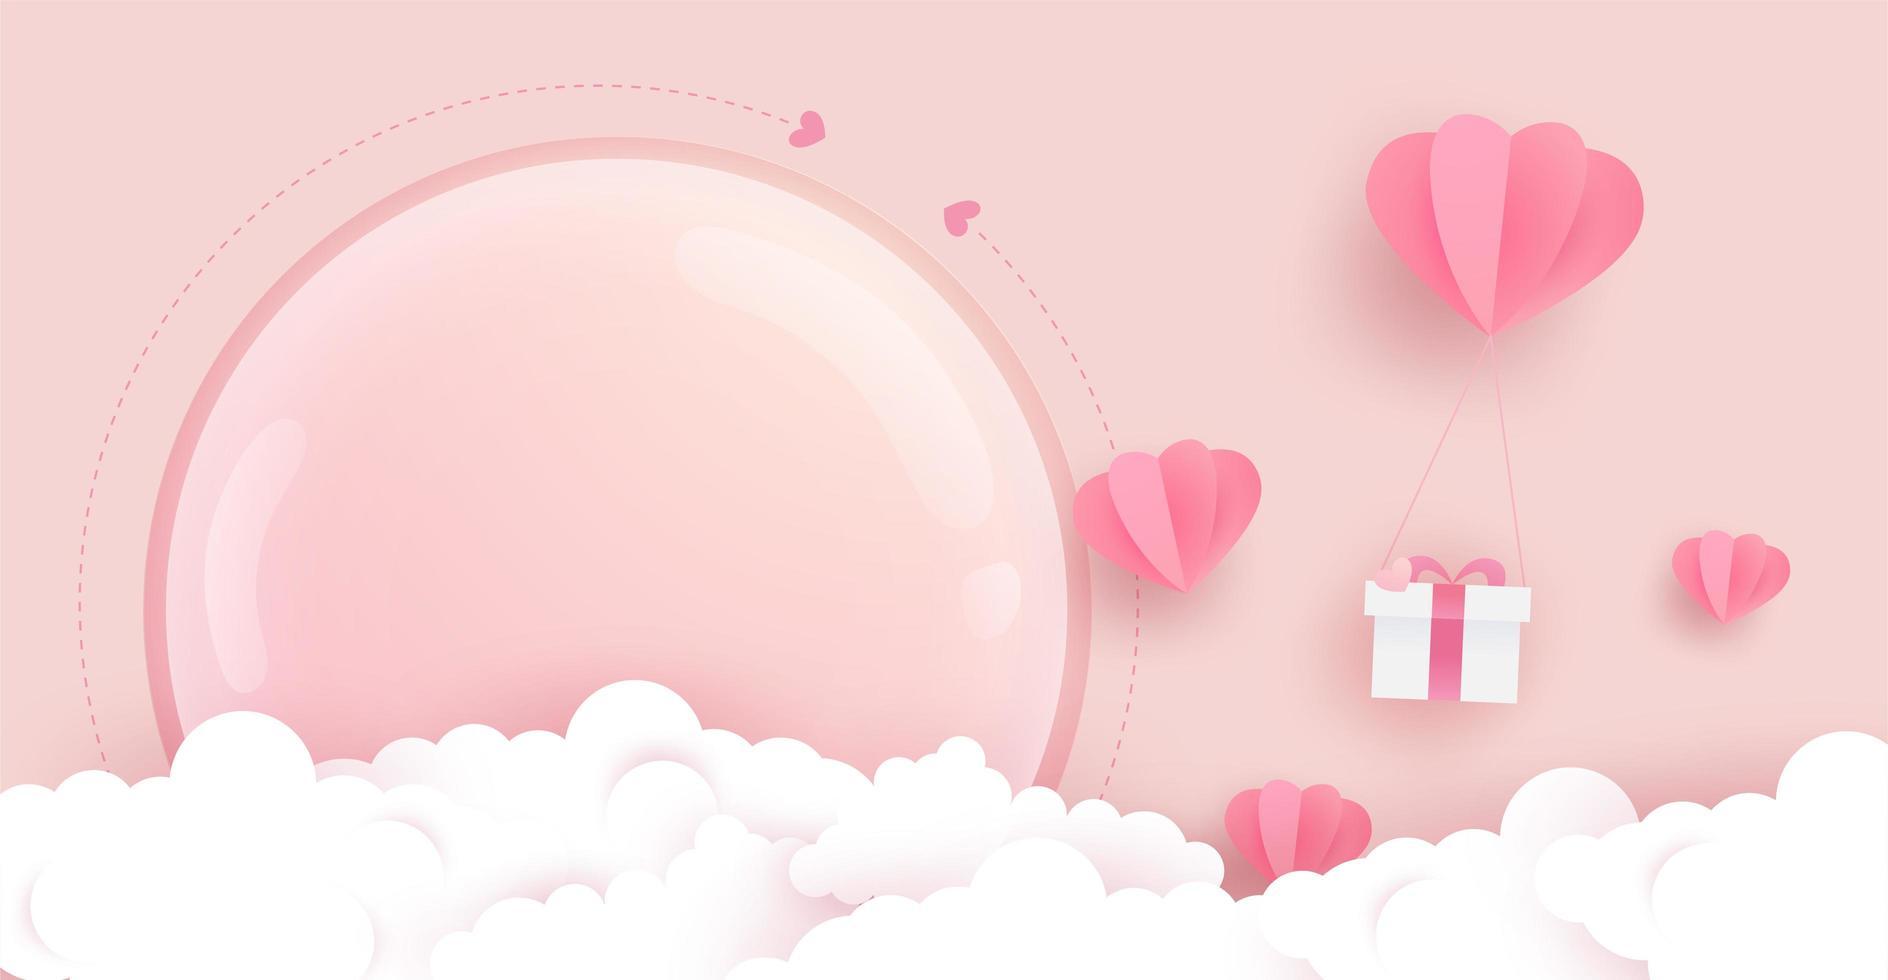 hjärta ballonger, gåva, moln och glas täck affisch vektor